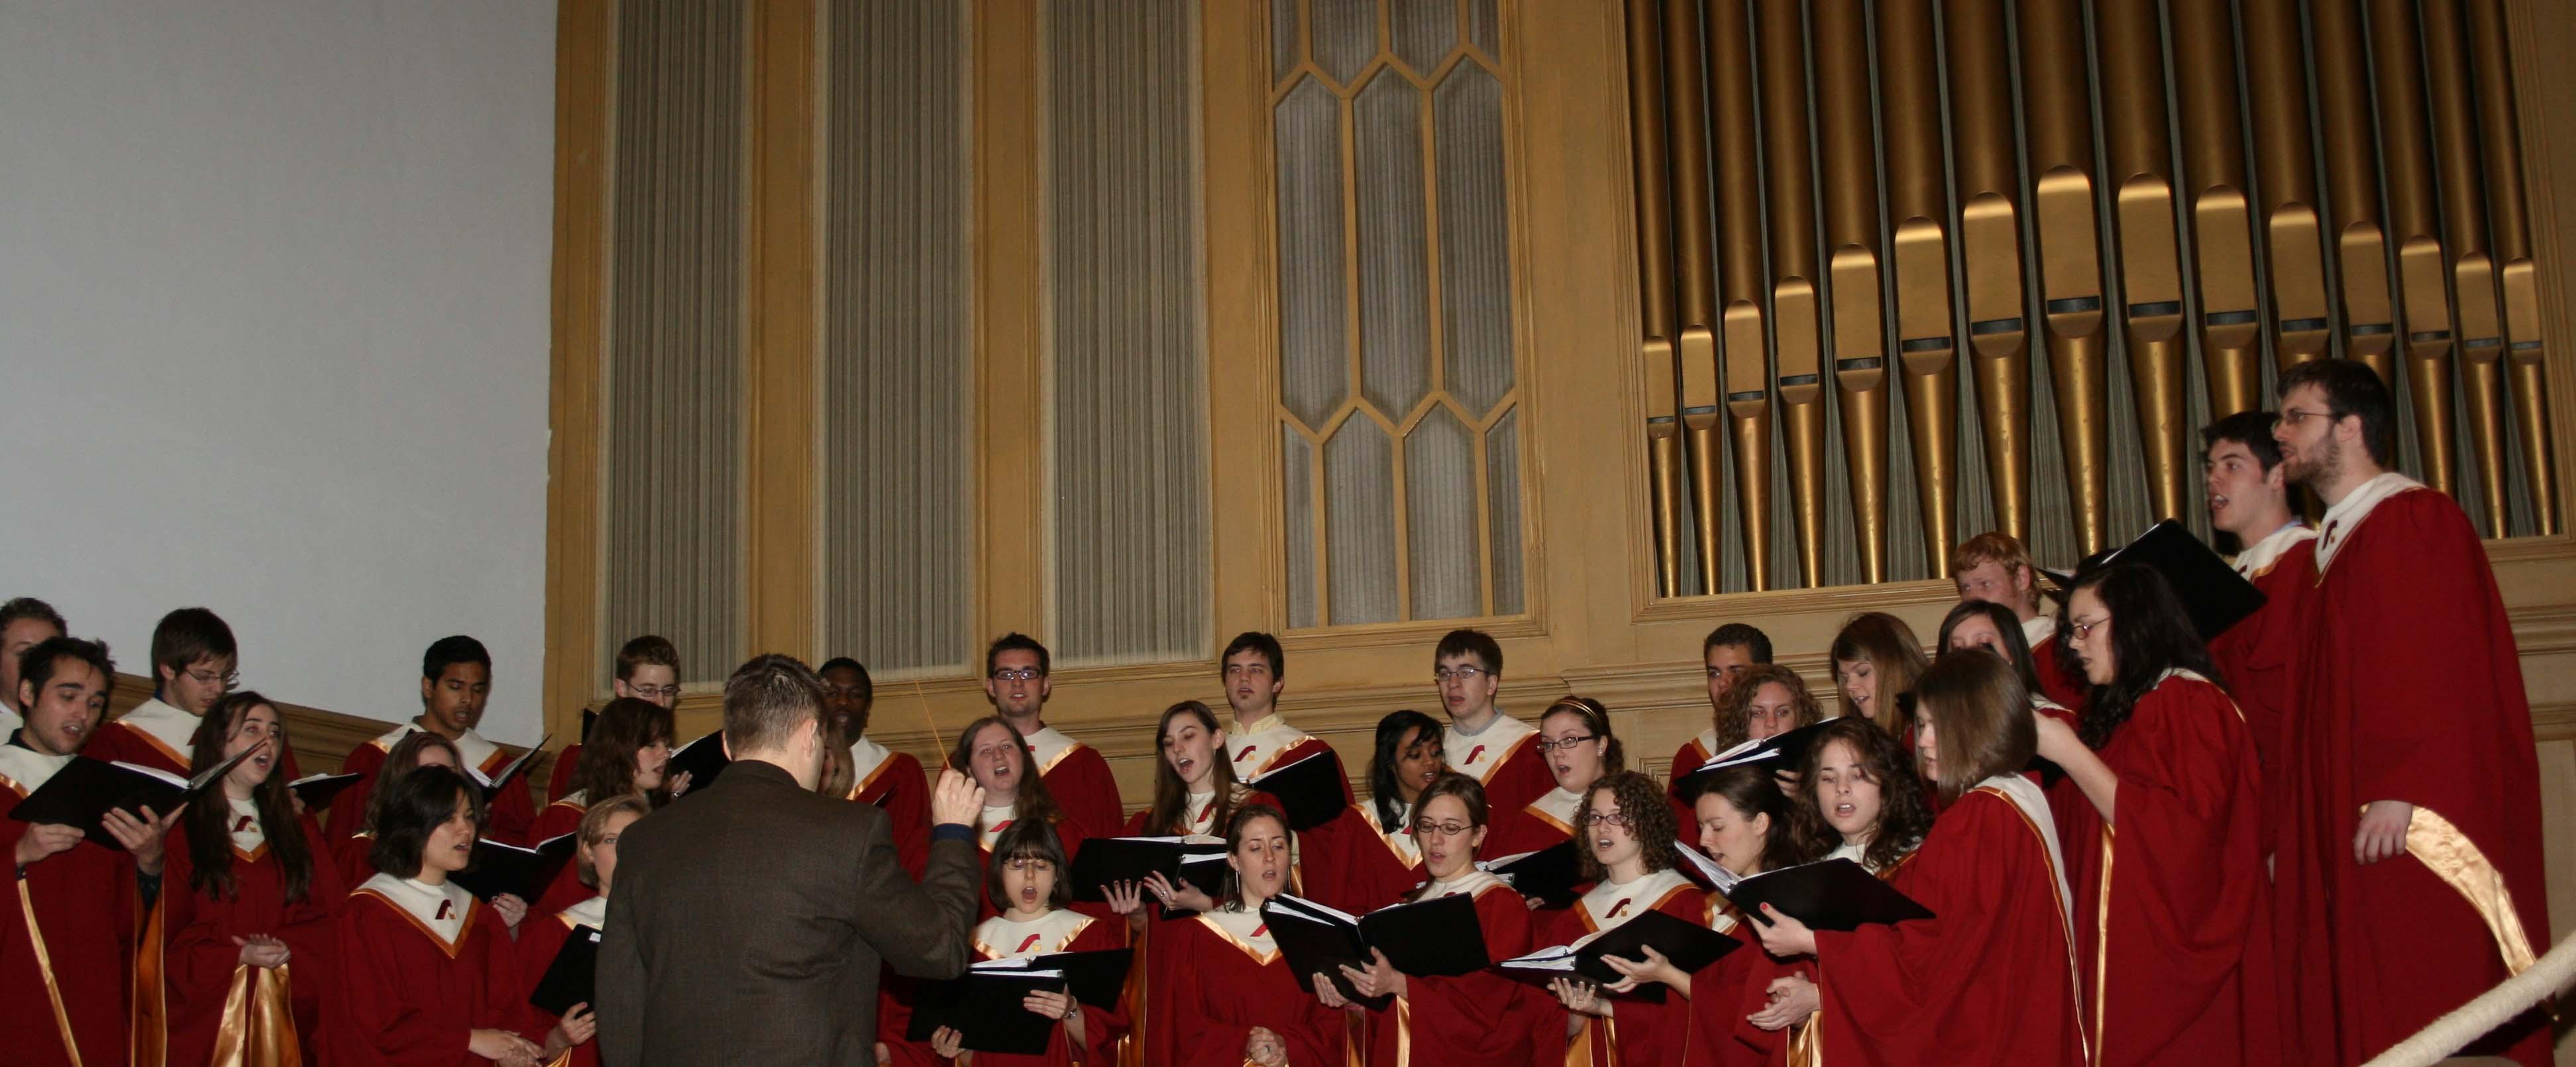 Austin College A Cappella Choir